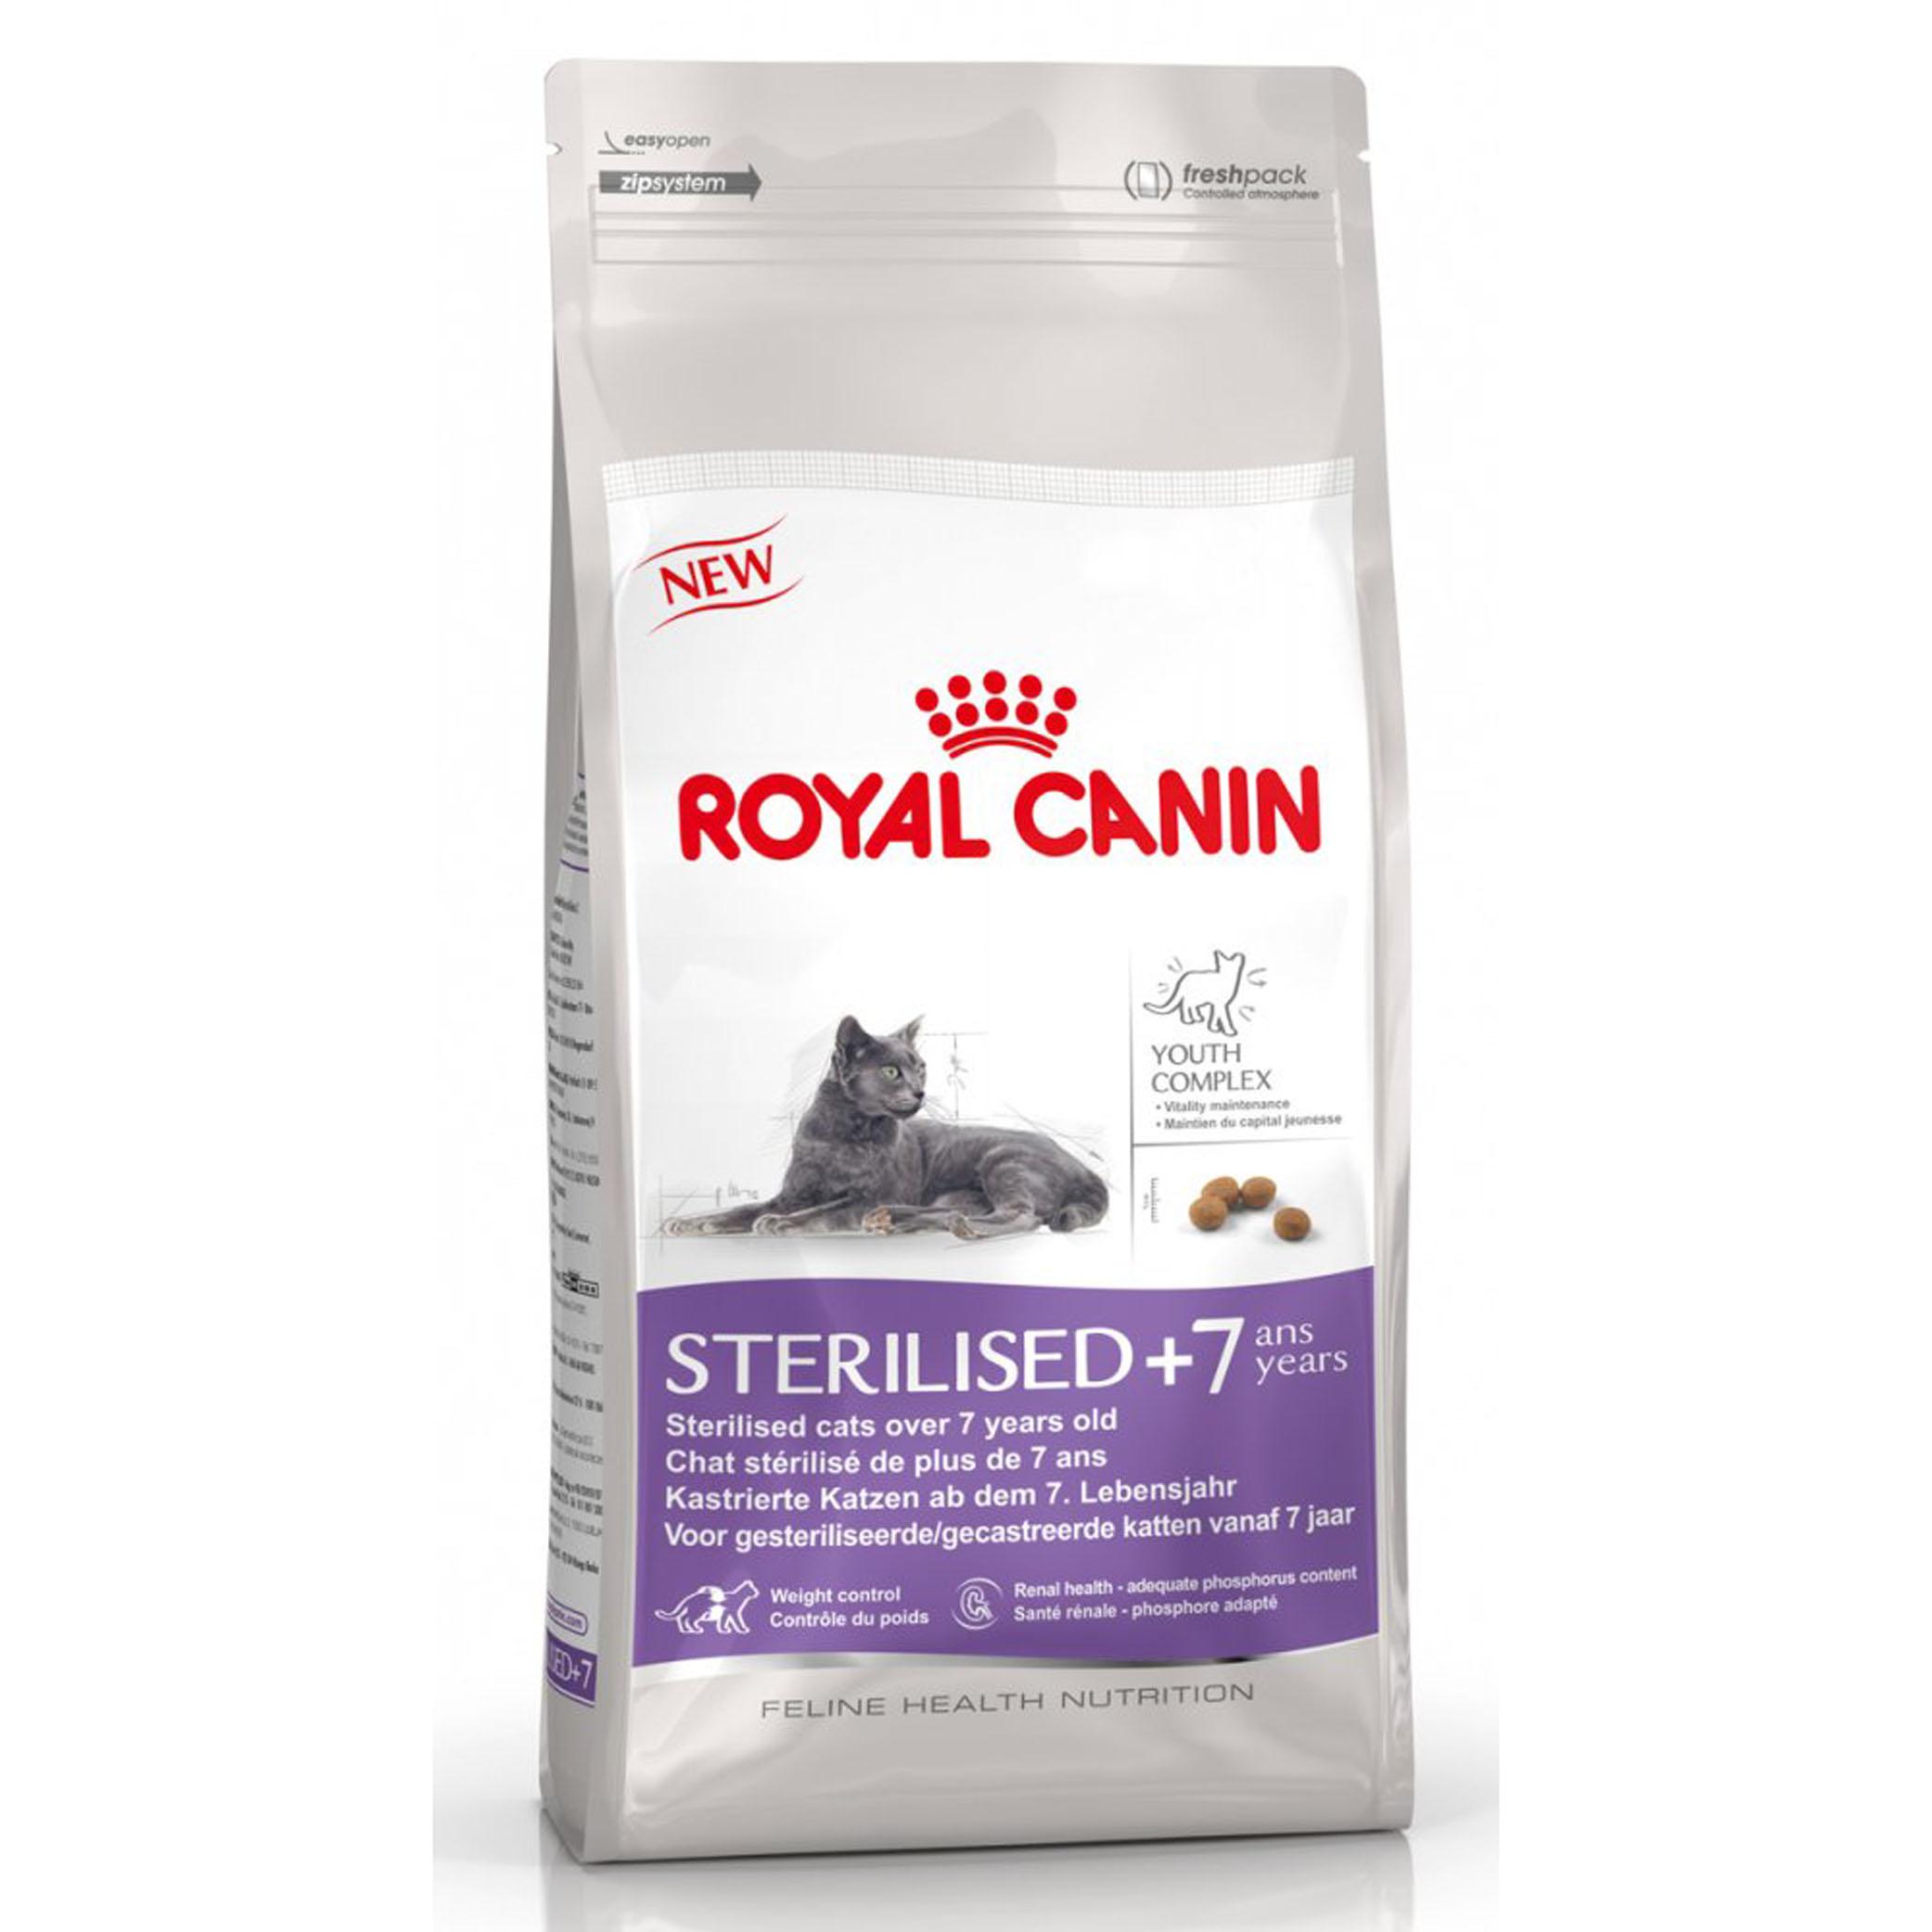 Корм сухой Royal Canin Sterelised 7+, для кастрированных котов и стерилизованных кошек, 400 г497004-497844Корм сухой Royal Canin Sterelised 7+ - полнорационное питание корм для стерилизованных кошек старше 7 лет. Стерилизация увеличивает среднюю продолжительность жизни кошки, но также повышает риски возрастных заболеваний. Например, у стерилизованных кошек с возрастом повышается риск образования мочевых камней. Поддержание здоровья в старости. Корм помогает сохранять молодость кошки благодаря запатентованному комплексу витаминов и питательных веществ с антиоксидантными свойствами и полифенолам зеленого чая и винограда. Хондропротекторные вещества и незаменимые жирные кислоты EPA и DHA, содержащиеся в этом продукте, поддерживают здоровье суставов кошки. Контроль веса тела: корм помогает сохранять оптимальный вес стерилизованной кошки за счет контроля потребления калорий и крахмала. Добавление L-карнитина (100 мг/кг) способствует мобилизации жировых отложений. Обеспечение здоровья почек – адекватное содержание фосфора: адаптированный уровень фосфора...